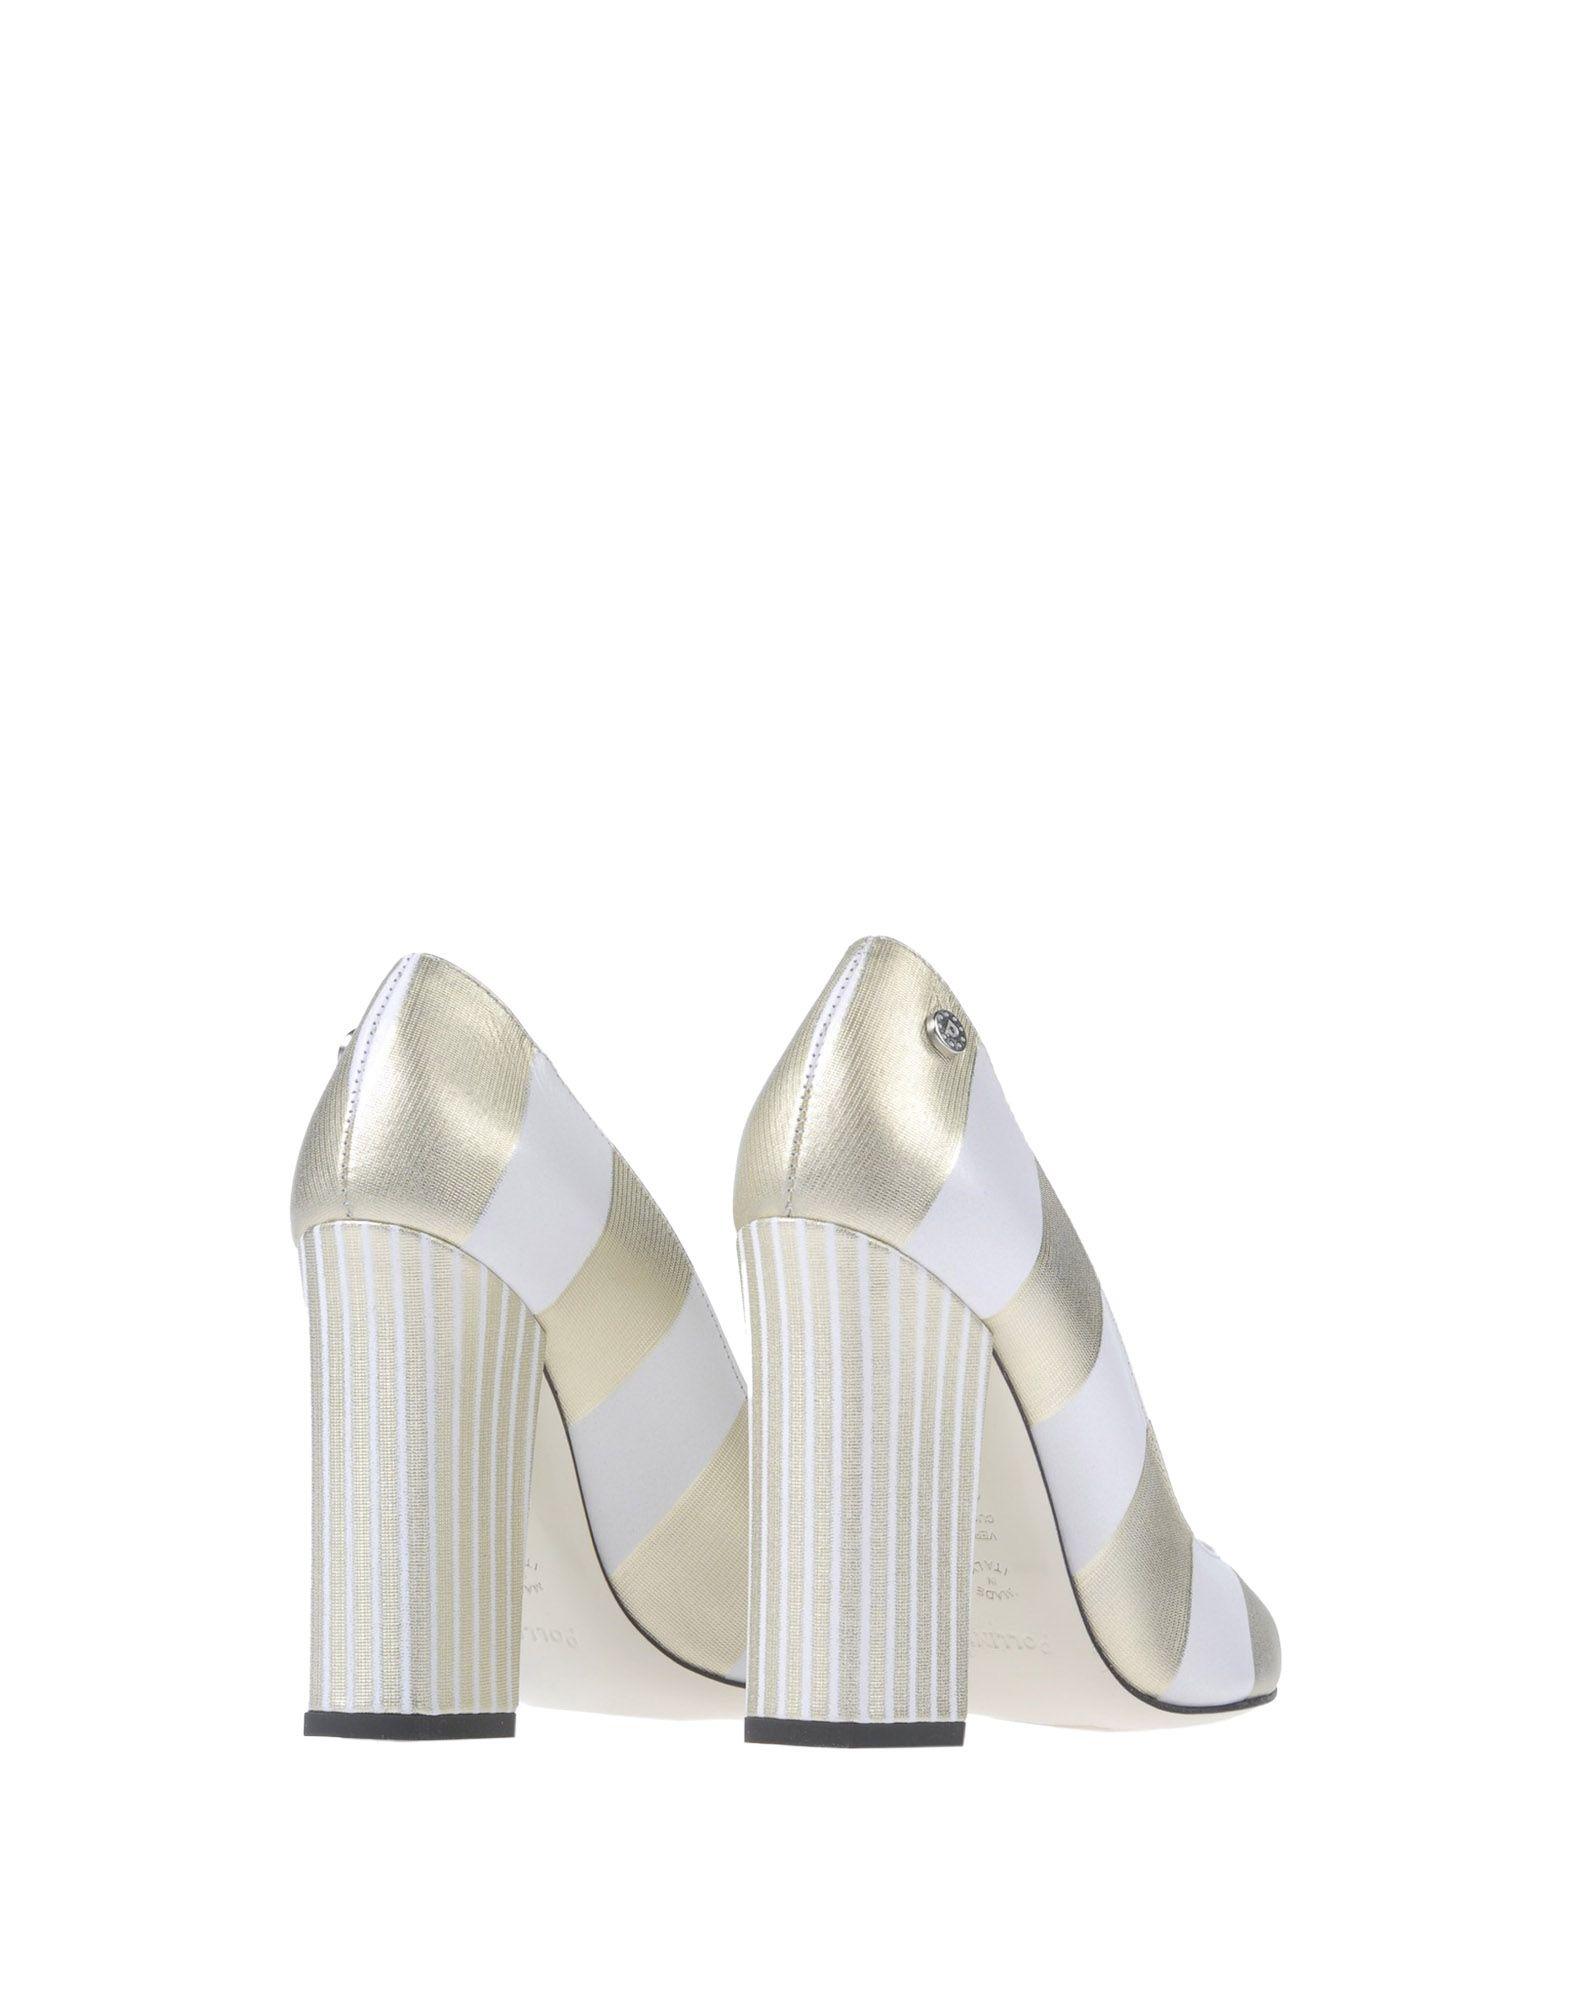 Pollini Pollini  Pumps Damen  11331461KT Heiße Schuhe 6fa032